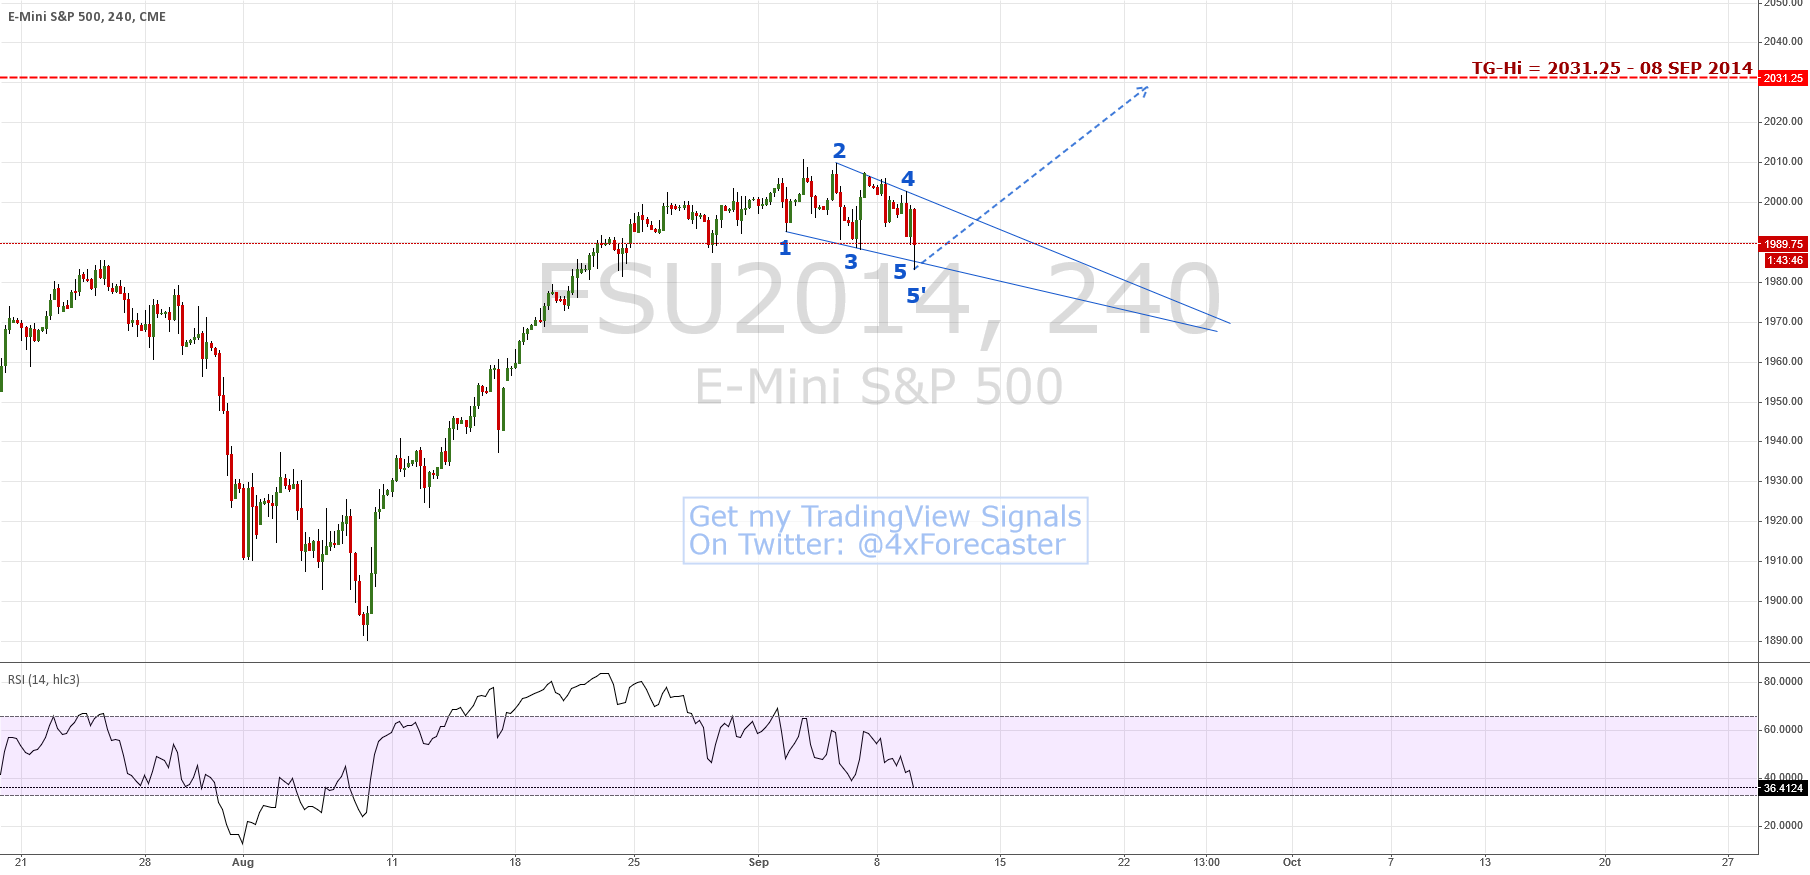 #ES Remains Bullish Per Model; 2031.25 Target Intact| #SP500